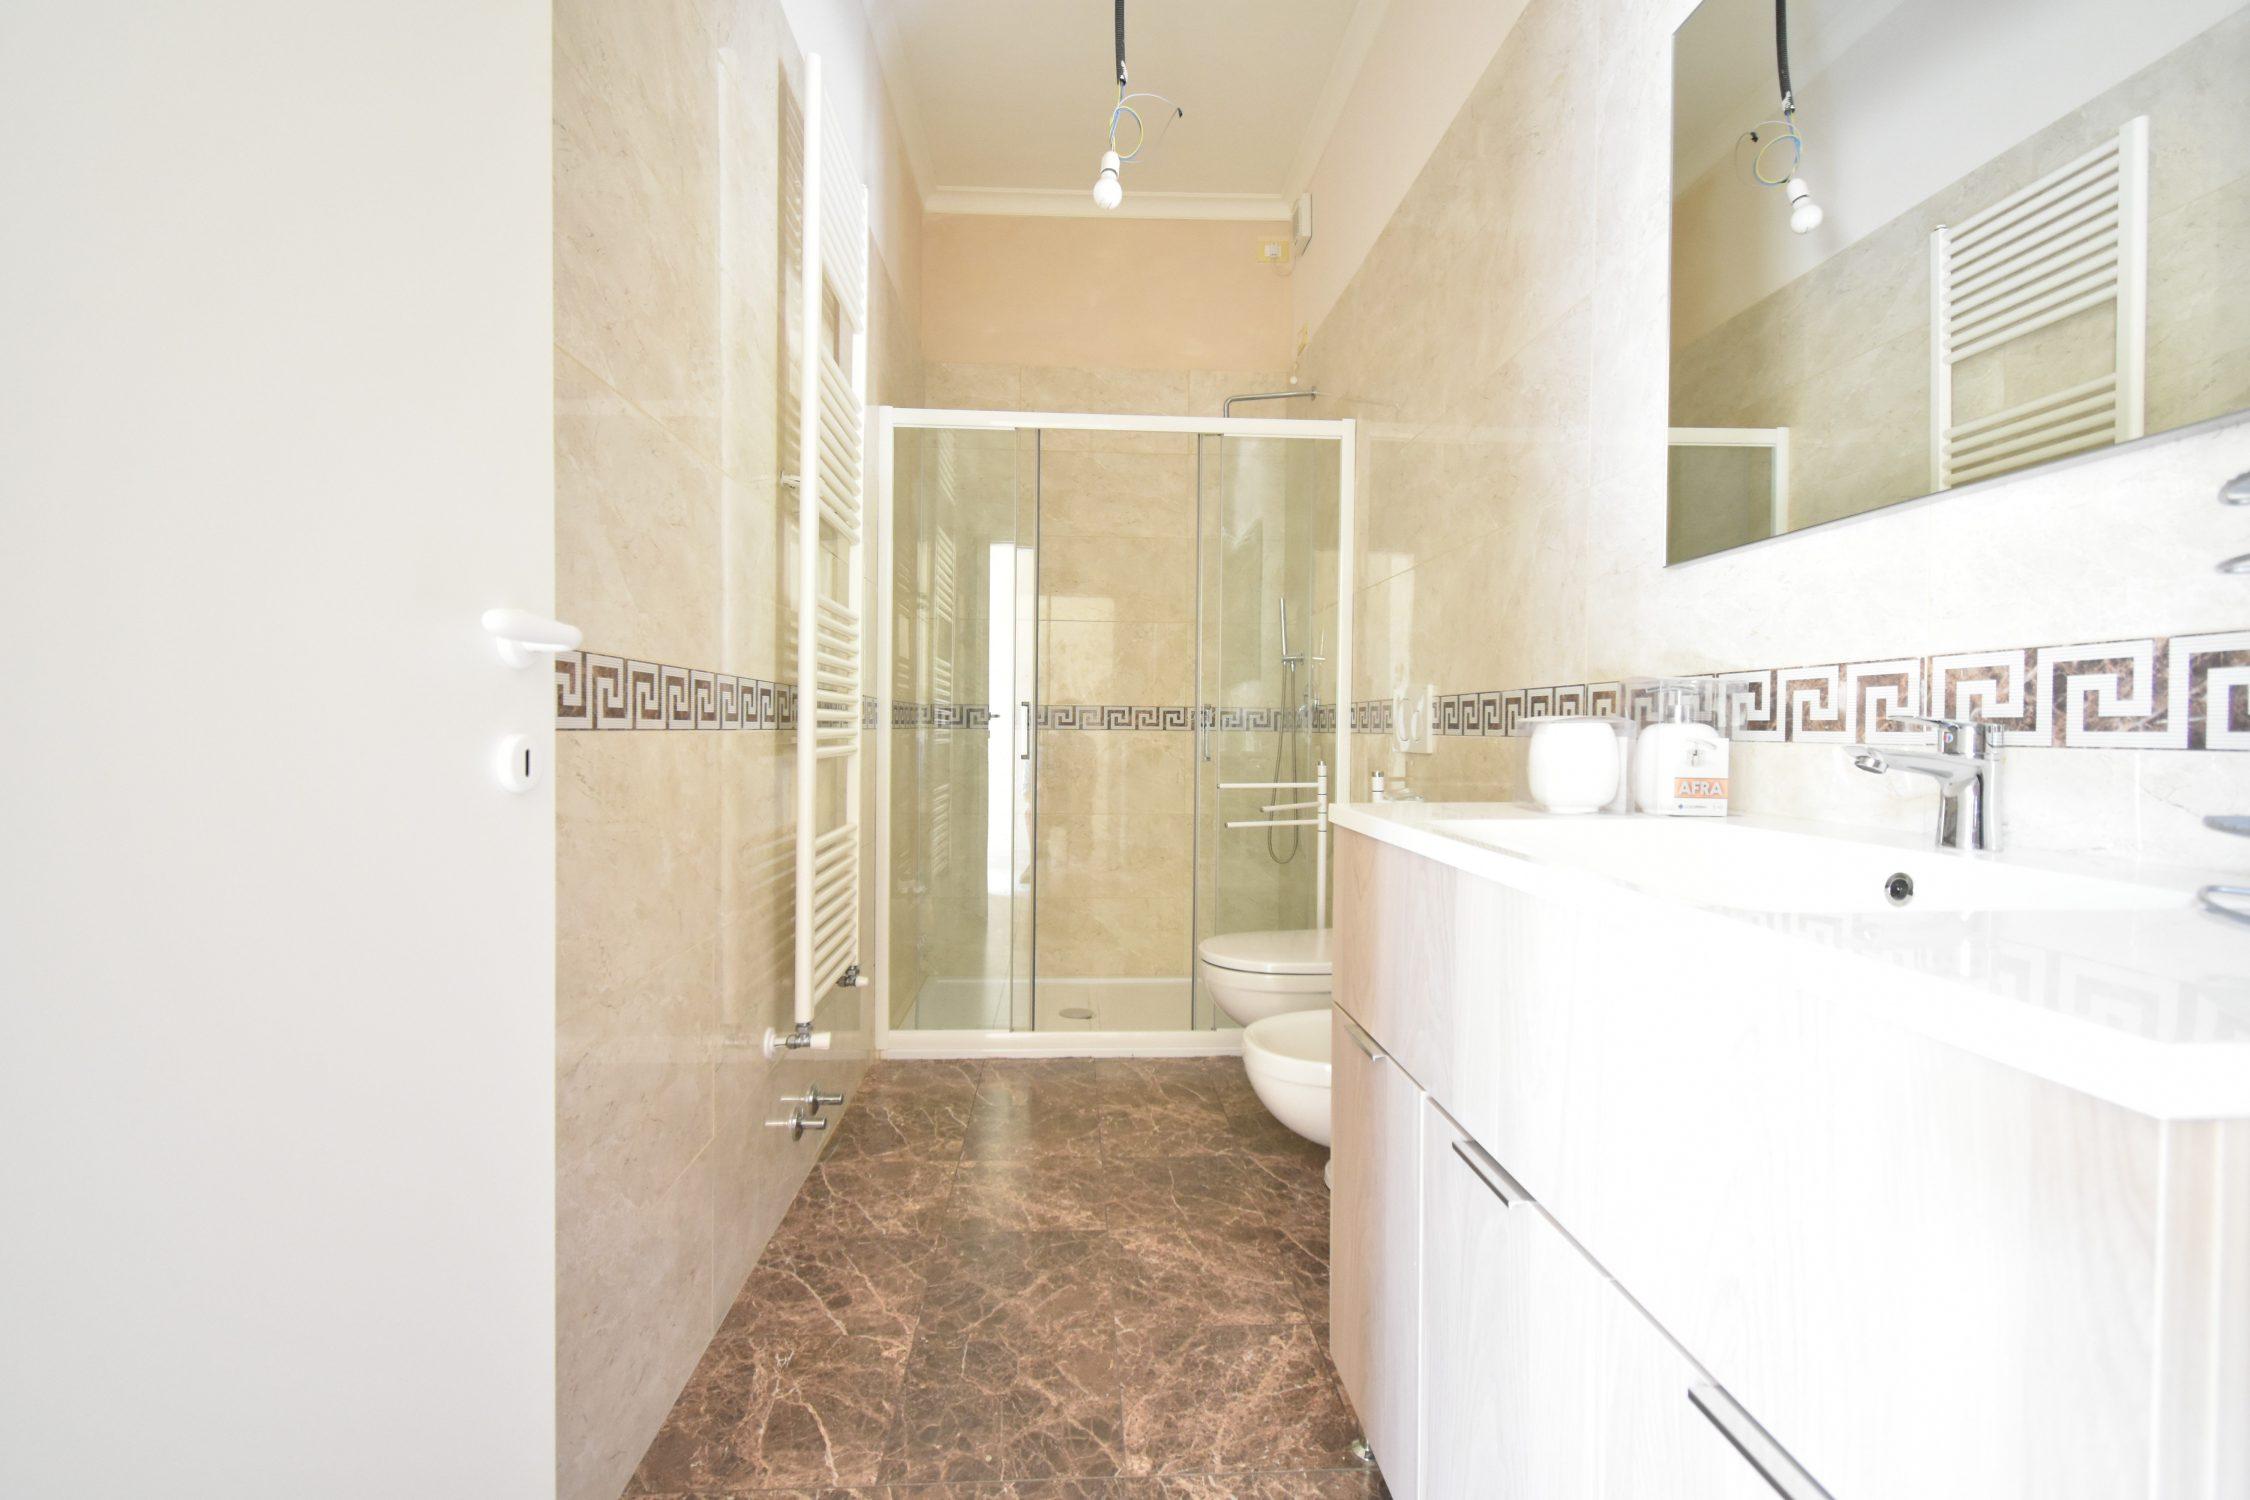 Appartamento di lusso in affitto con tre camere | Porta a Lucca | Pisa